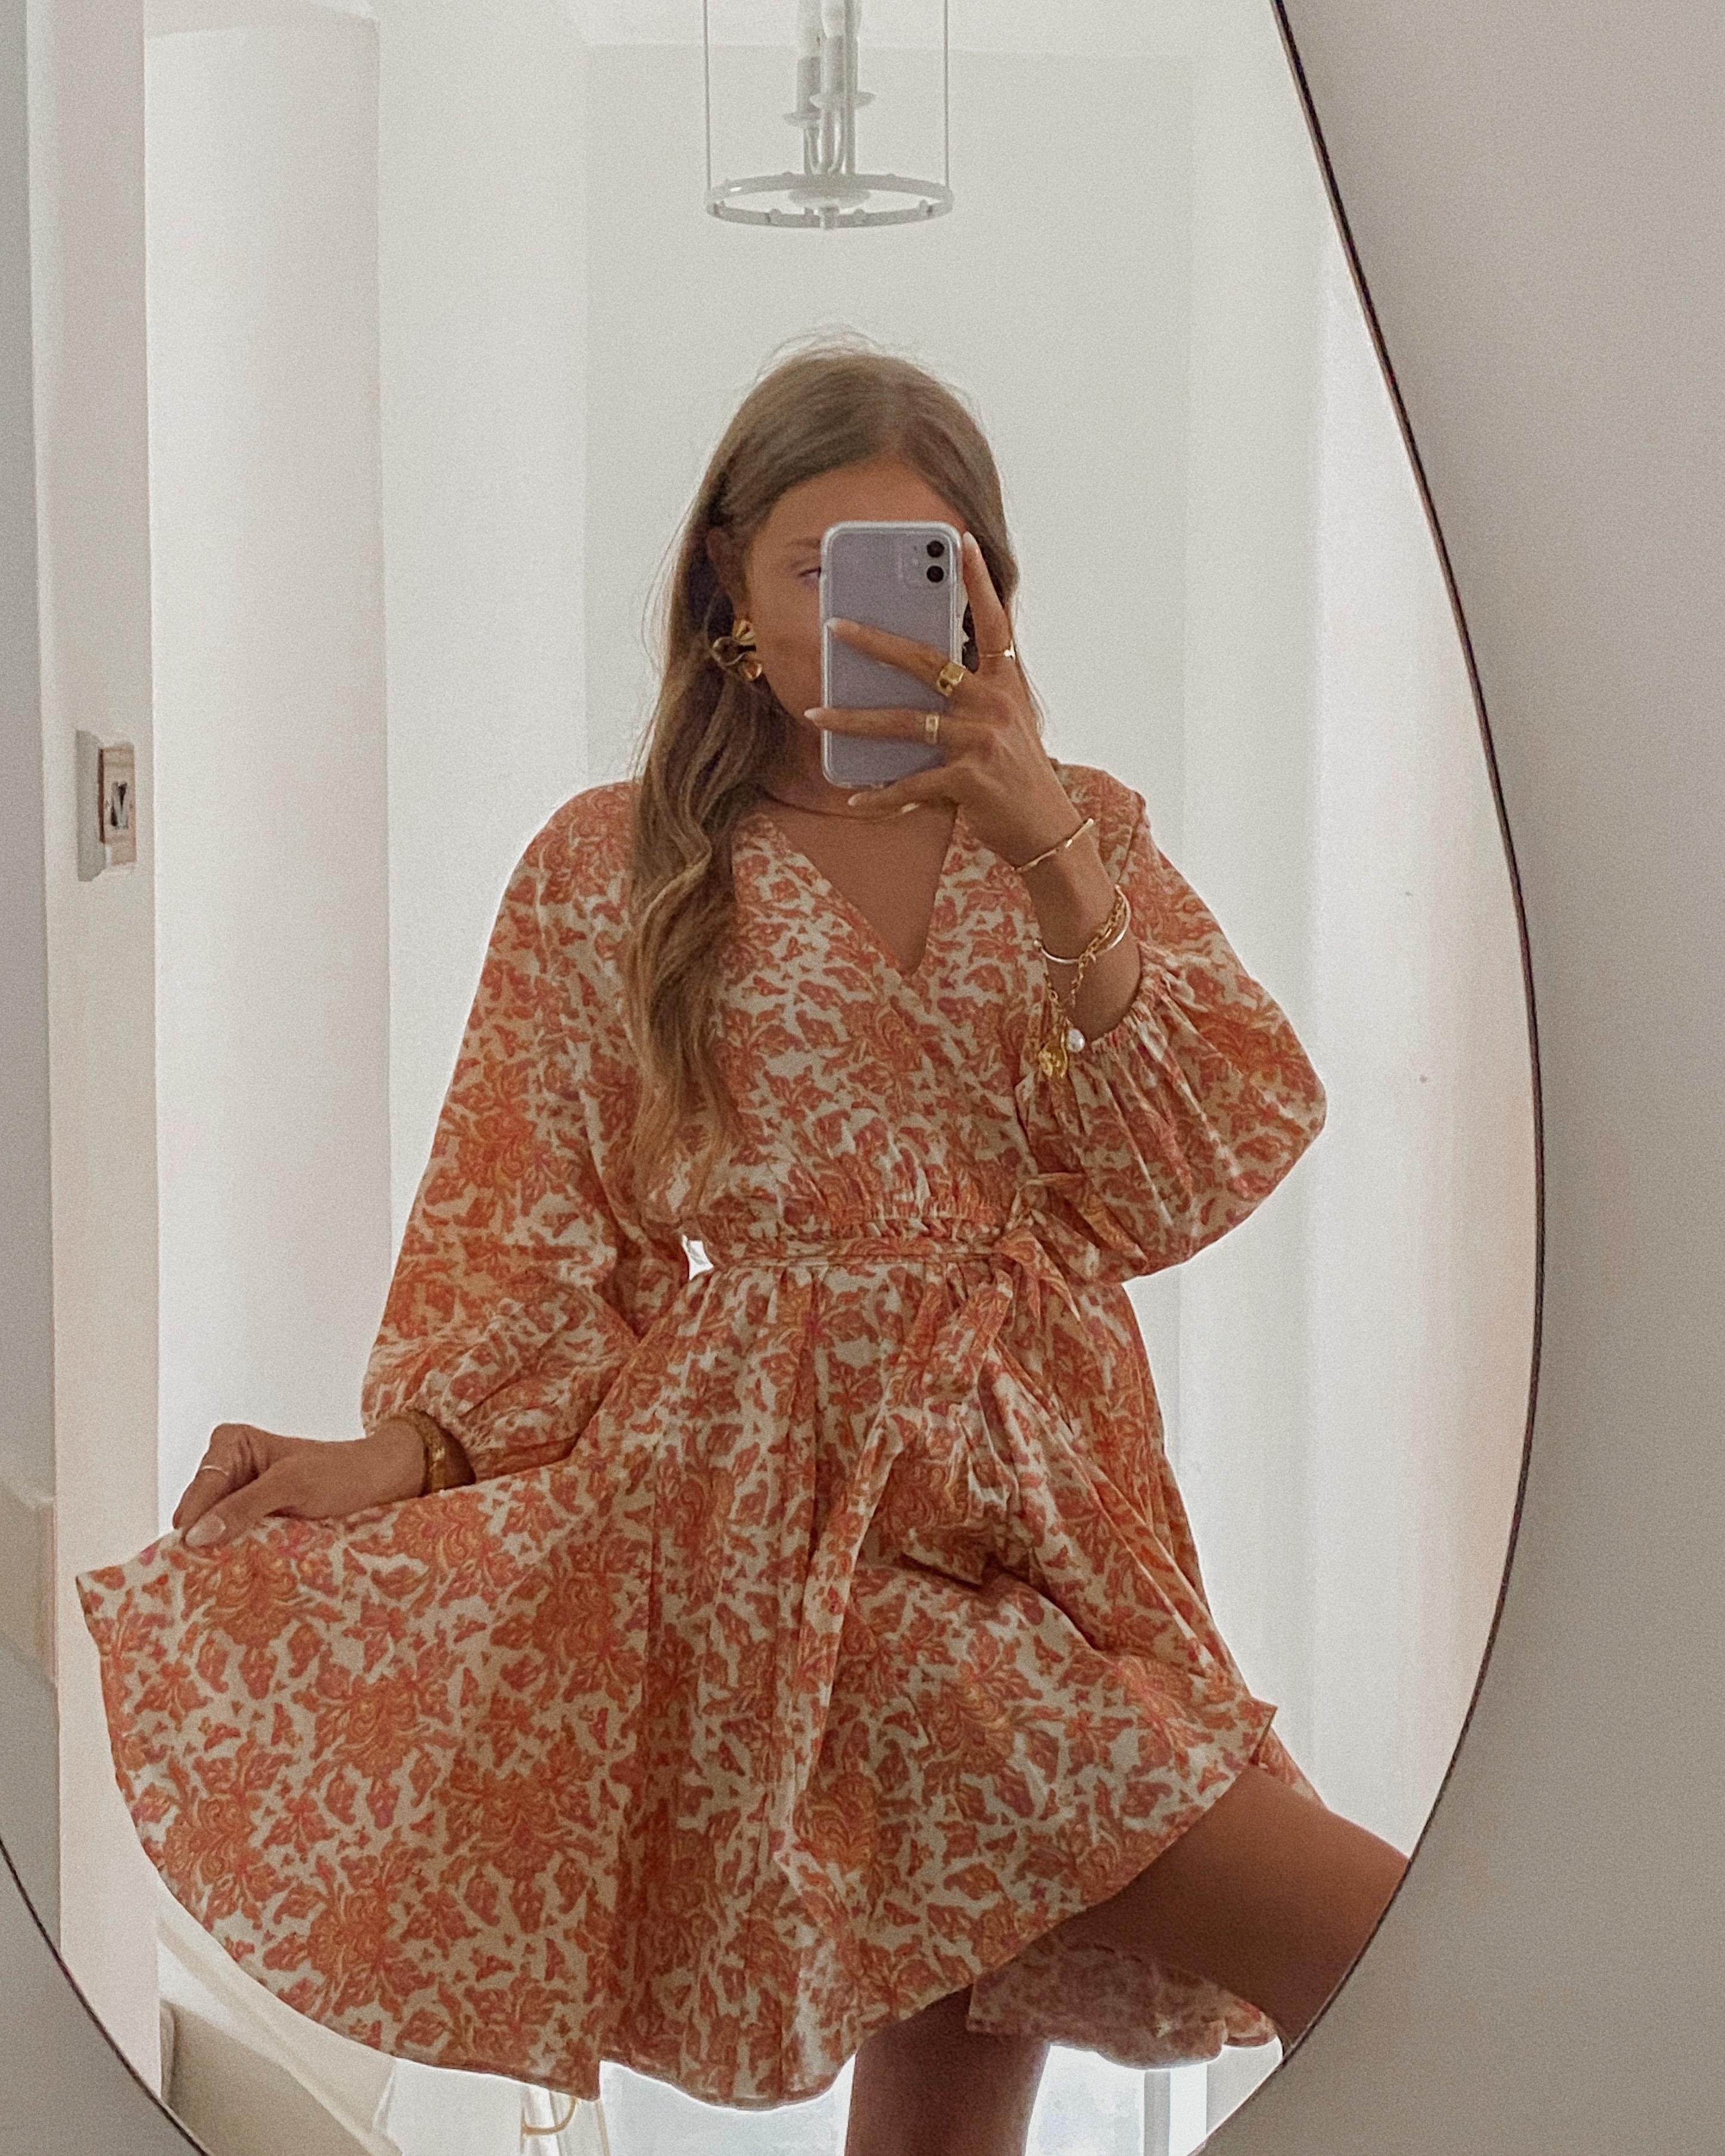 River Island Summer Dress